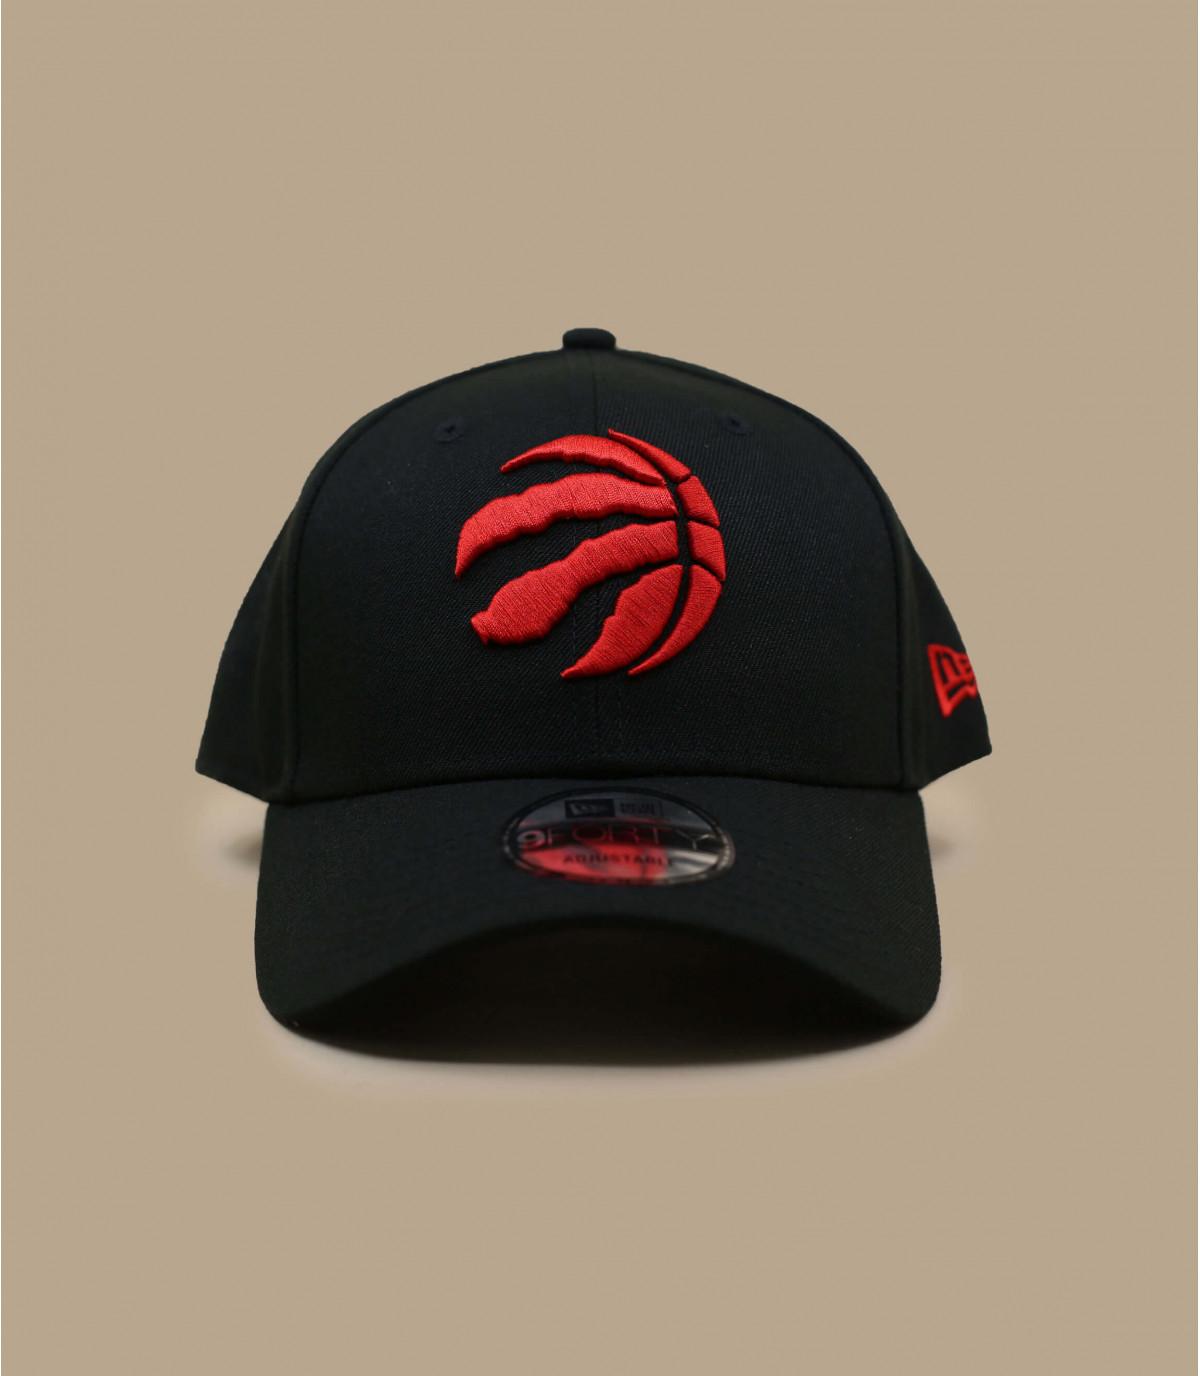 Toronto Raptors NBA curve cap